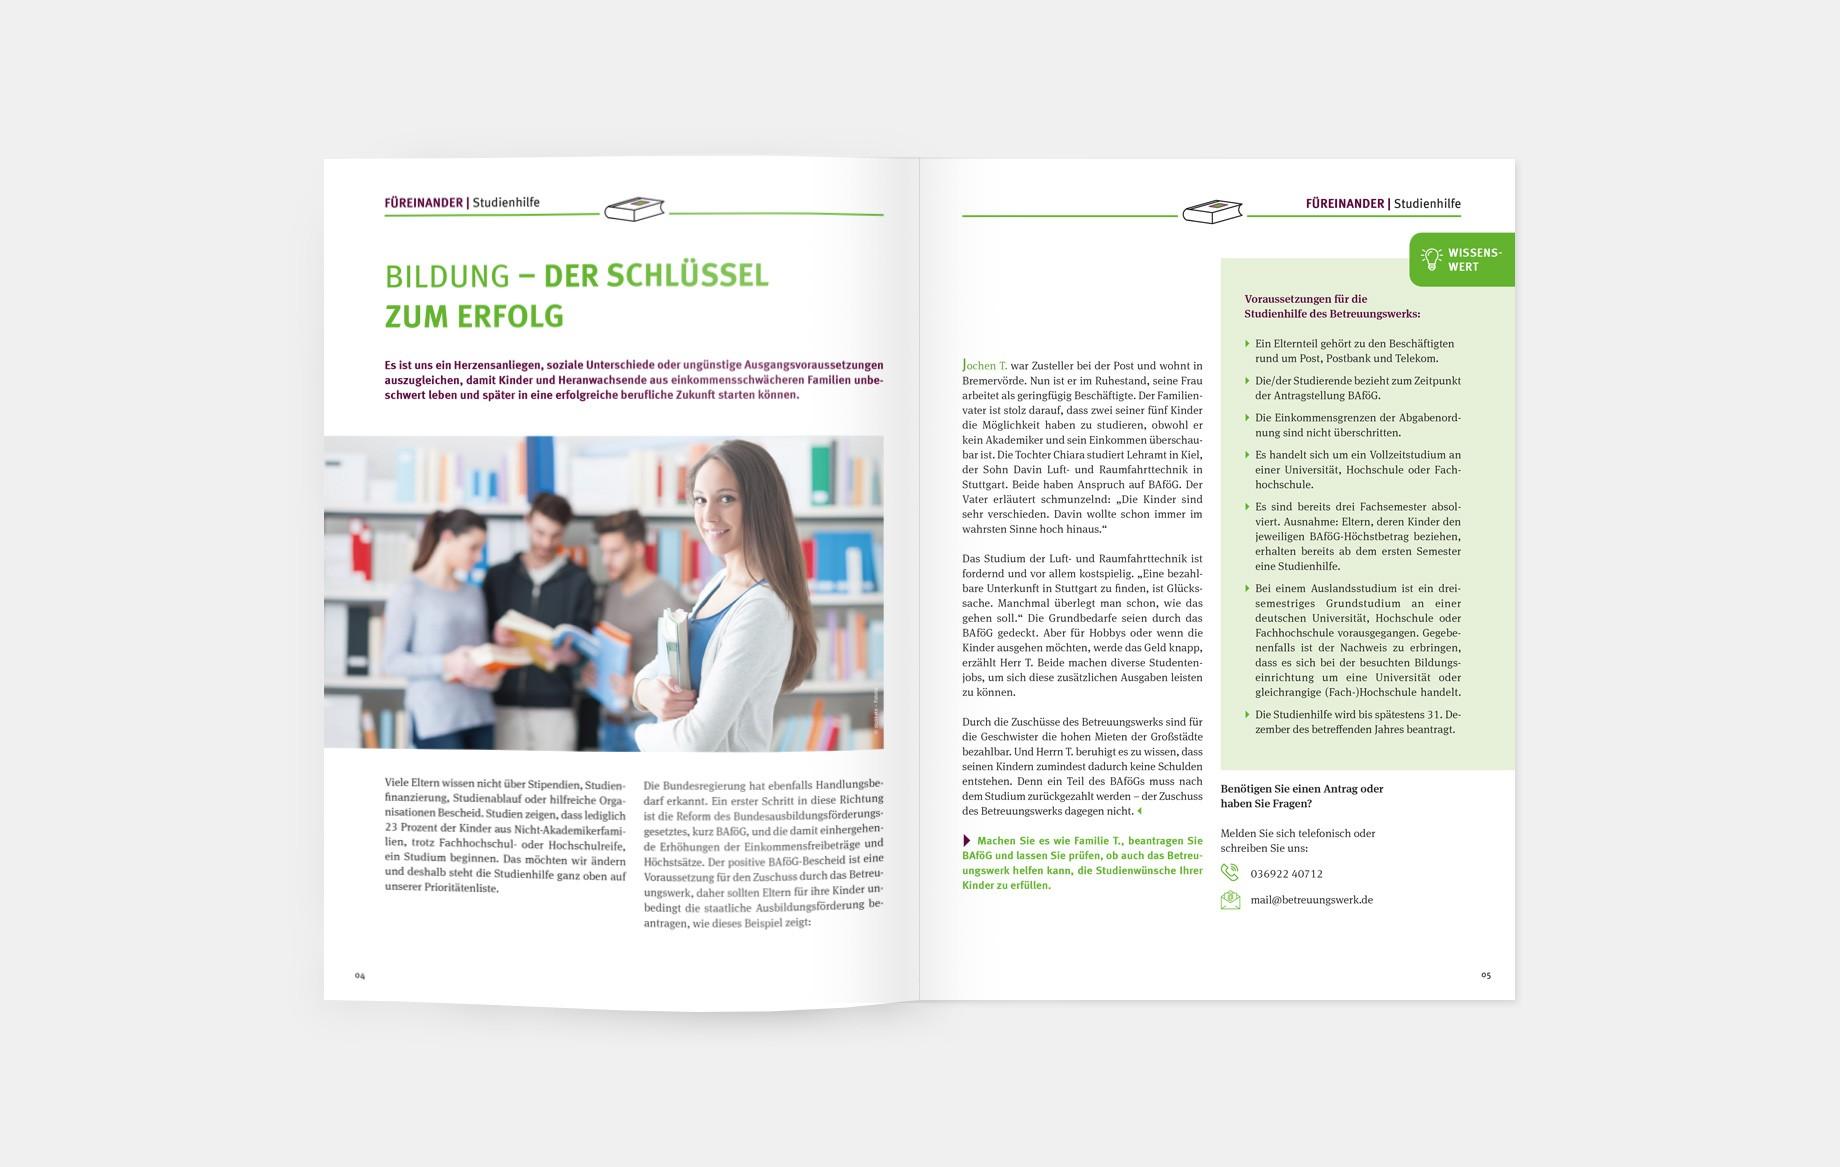 Die Spendenzeitschrift hat eine Auflage von 2 Millionen Exemplaren, wird an alle Spenderinnen und Spender versendet und erzählt bewegende Geschichten von Menschen, die füreinander einstehen.